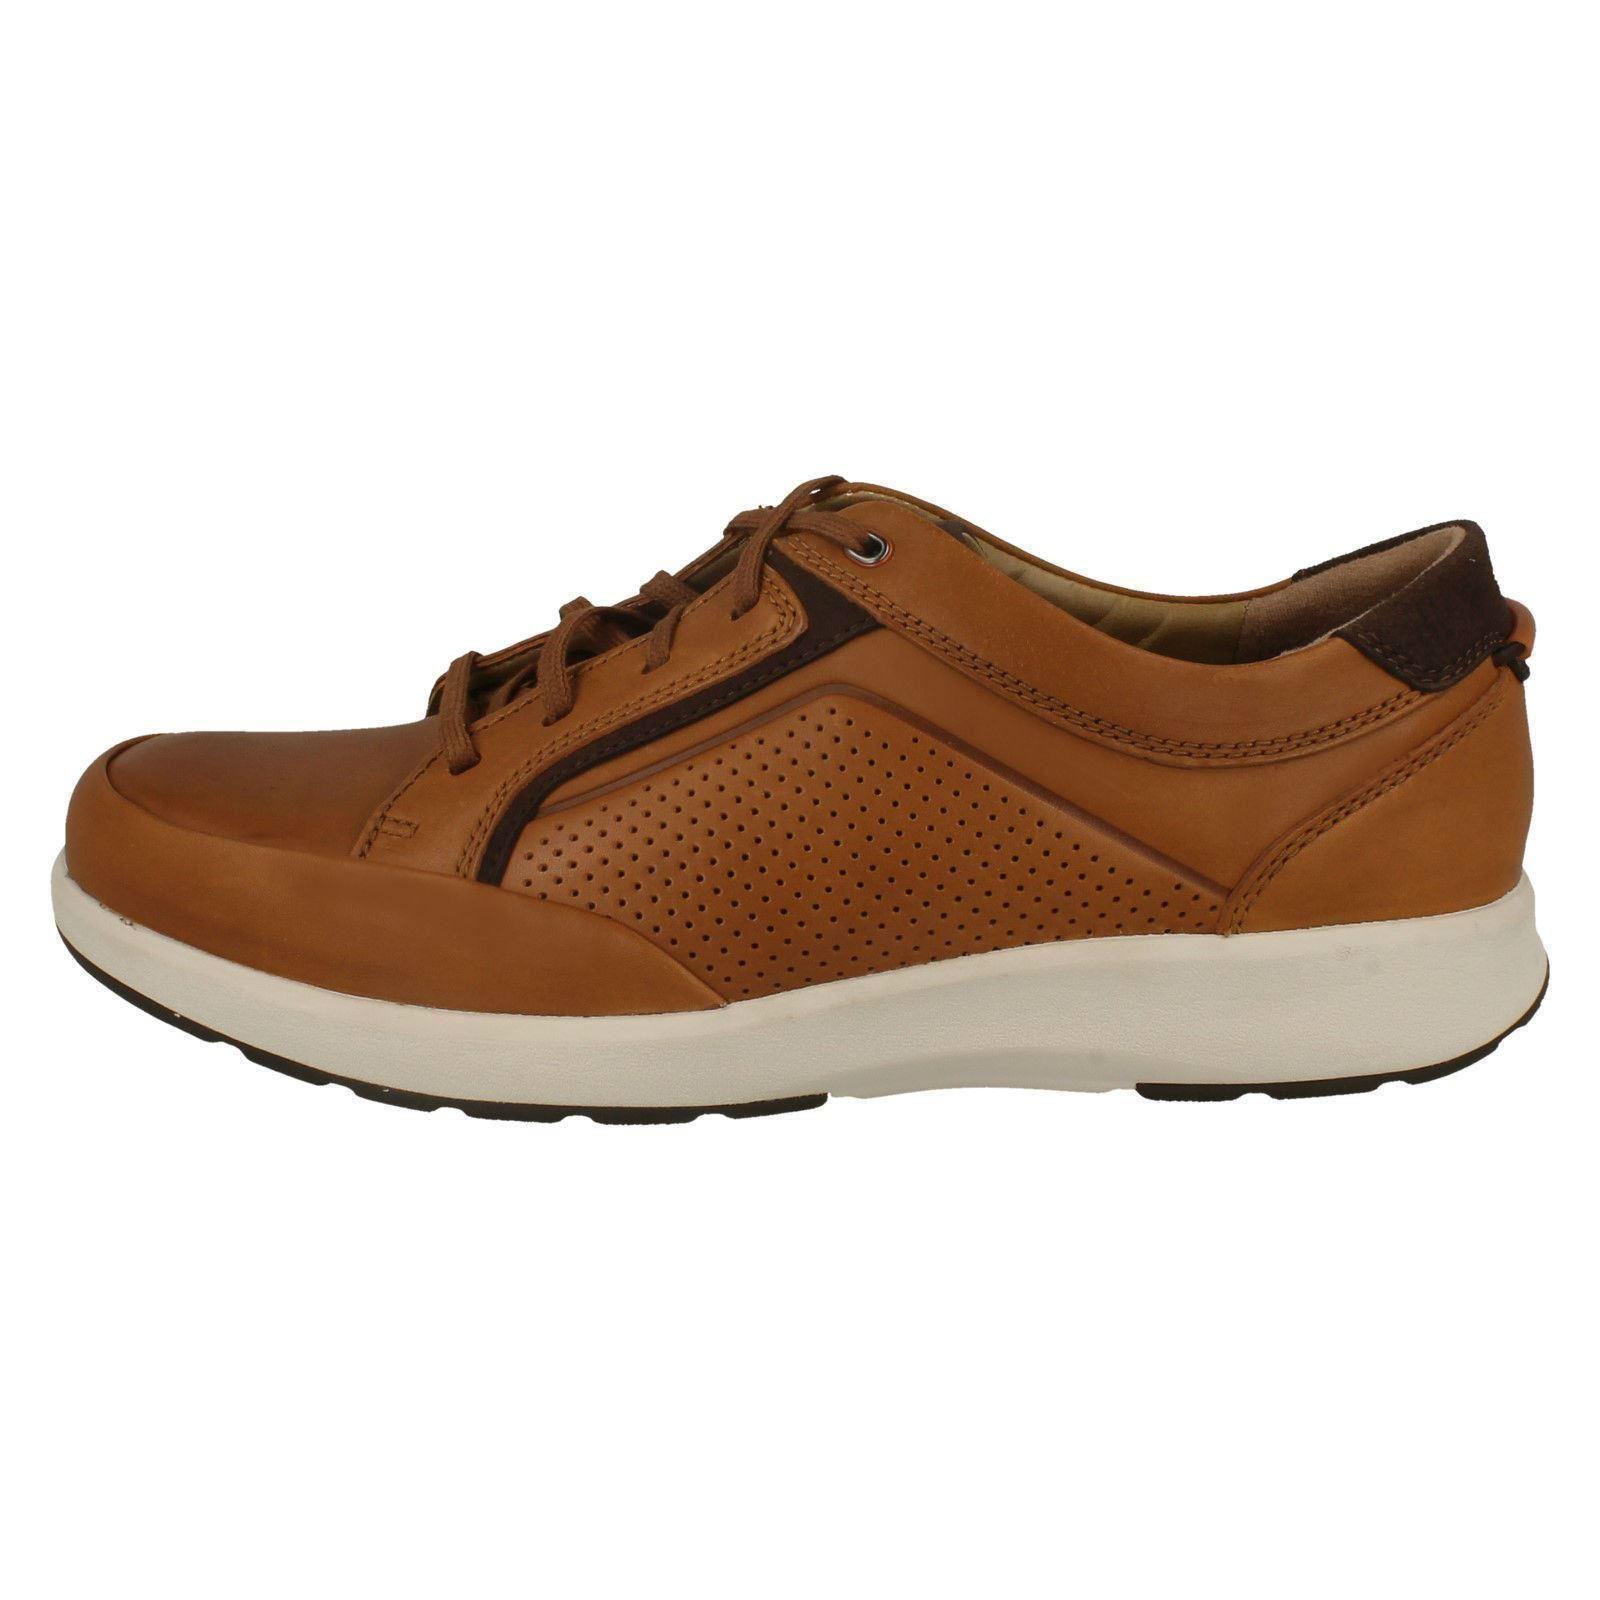 Mens-Clarks Casual Lace Up Shoe Un Trail Form